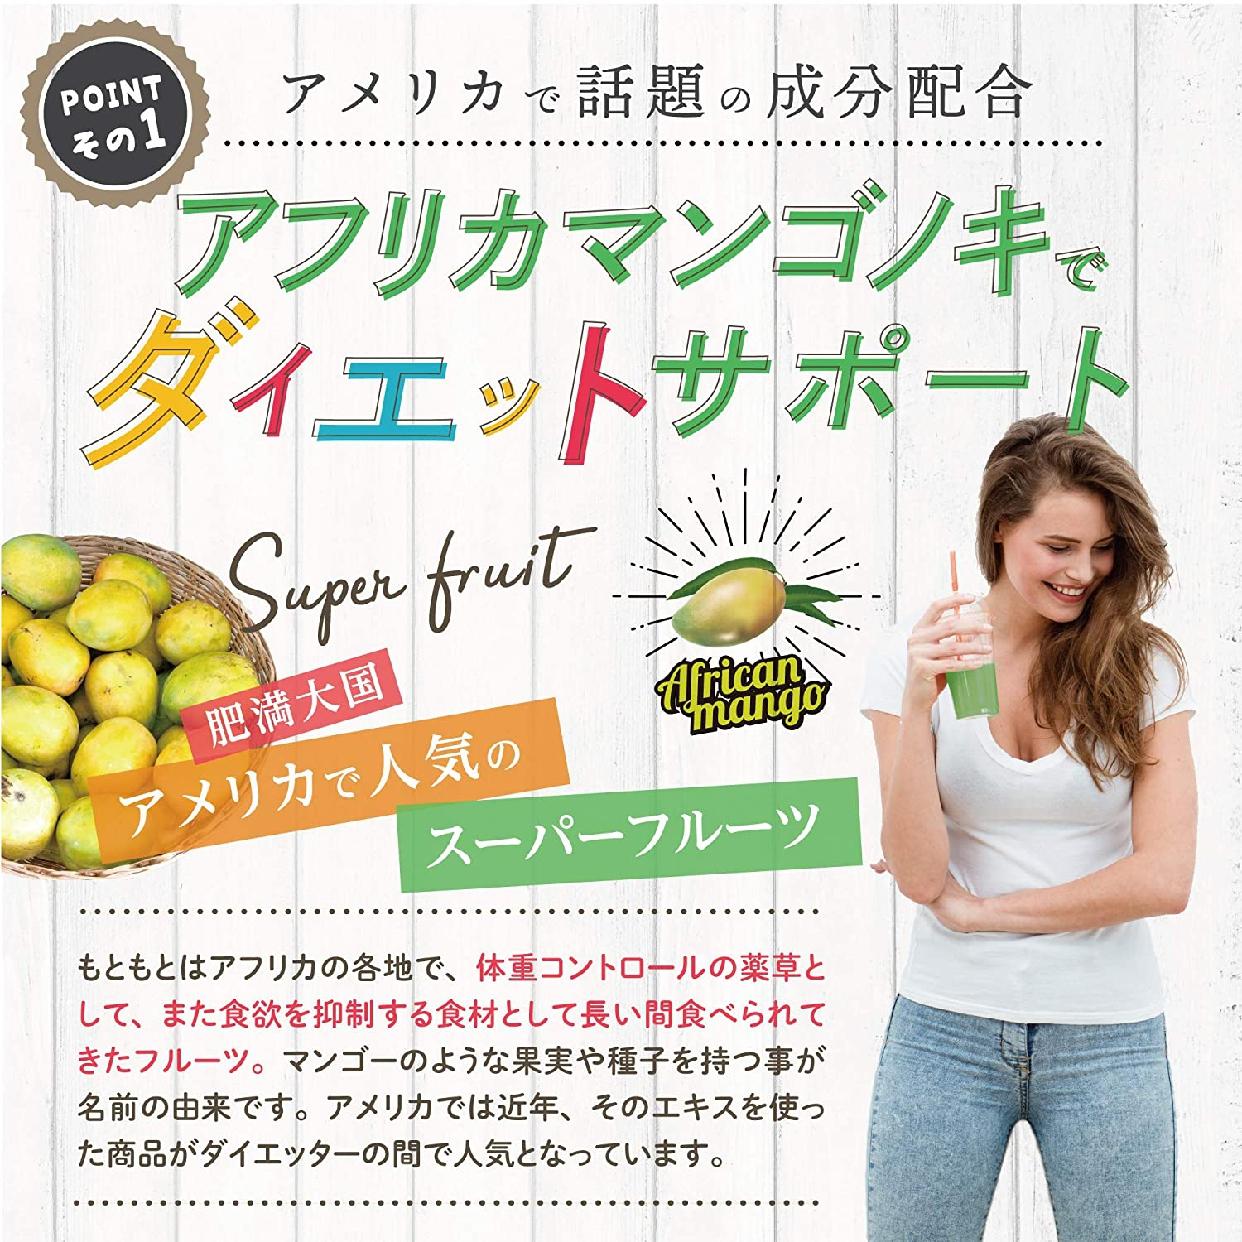 Re:fata(リファータ)フルーツと野菜のおいしい青汁の商品画像3